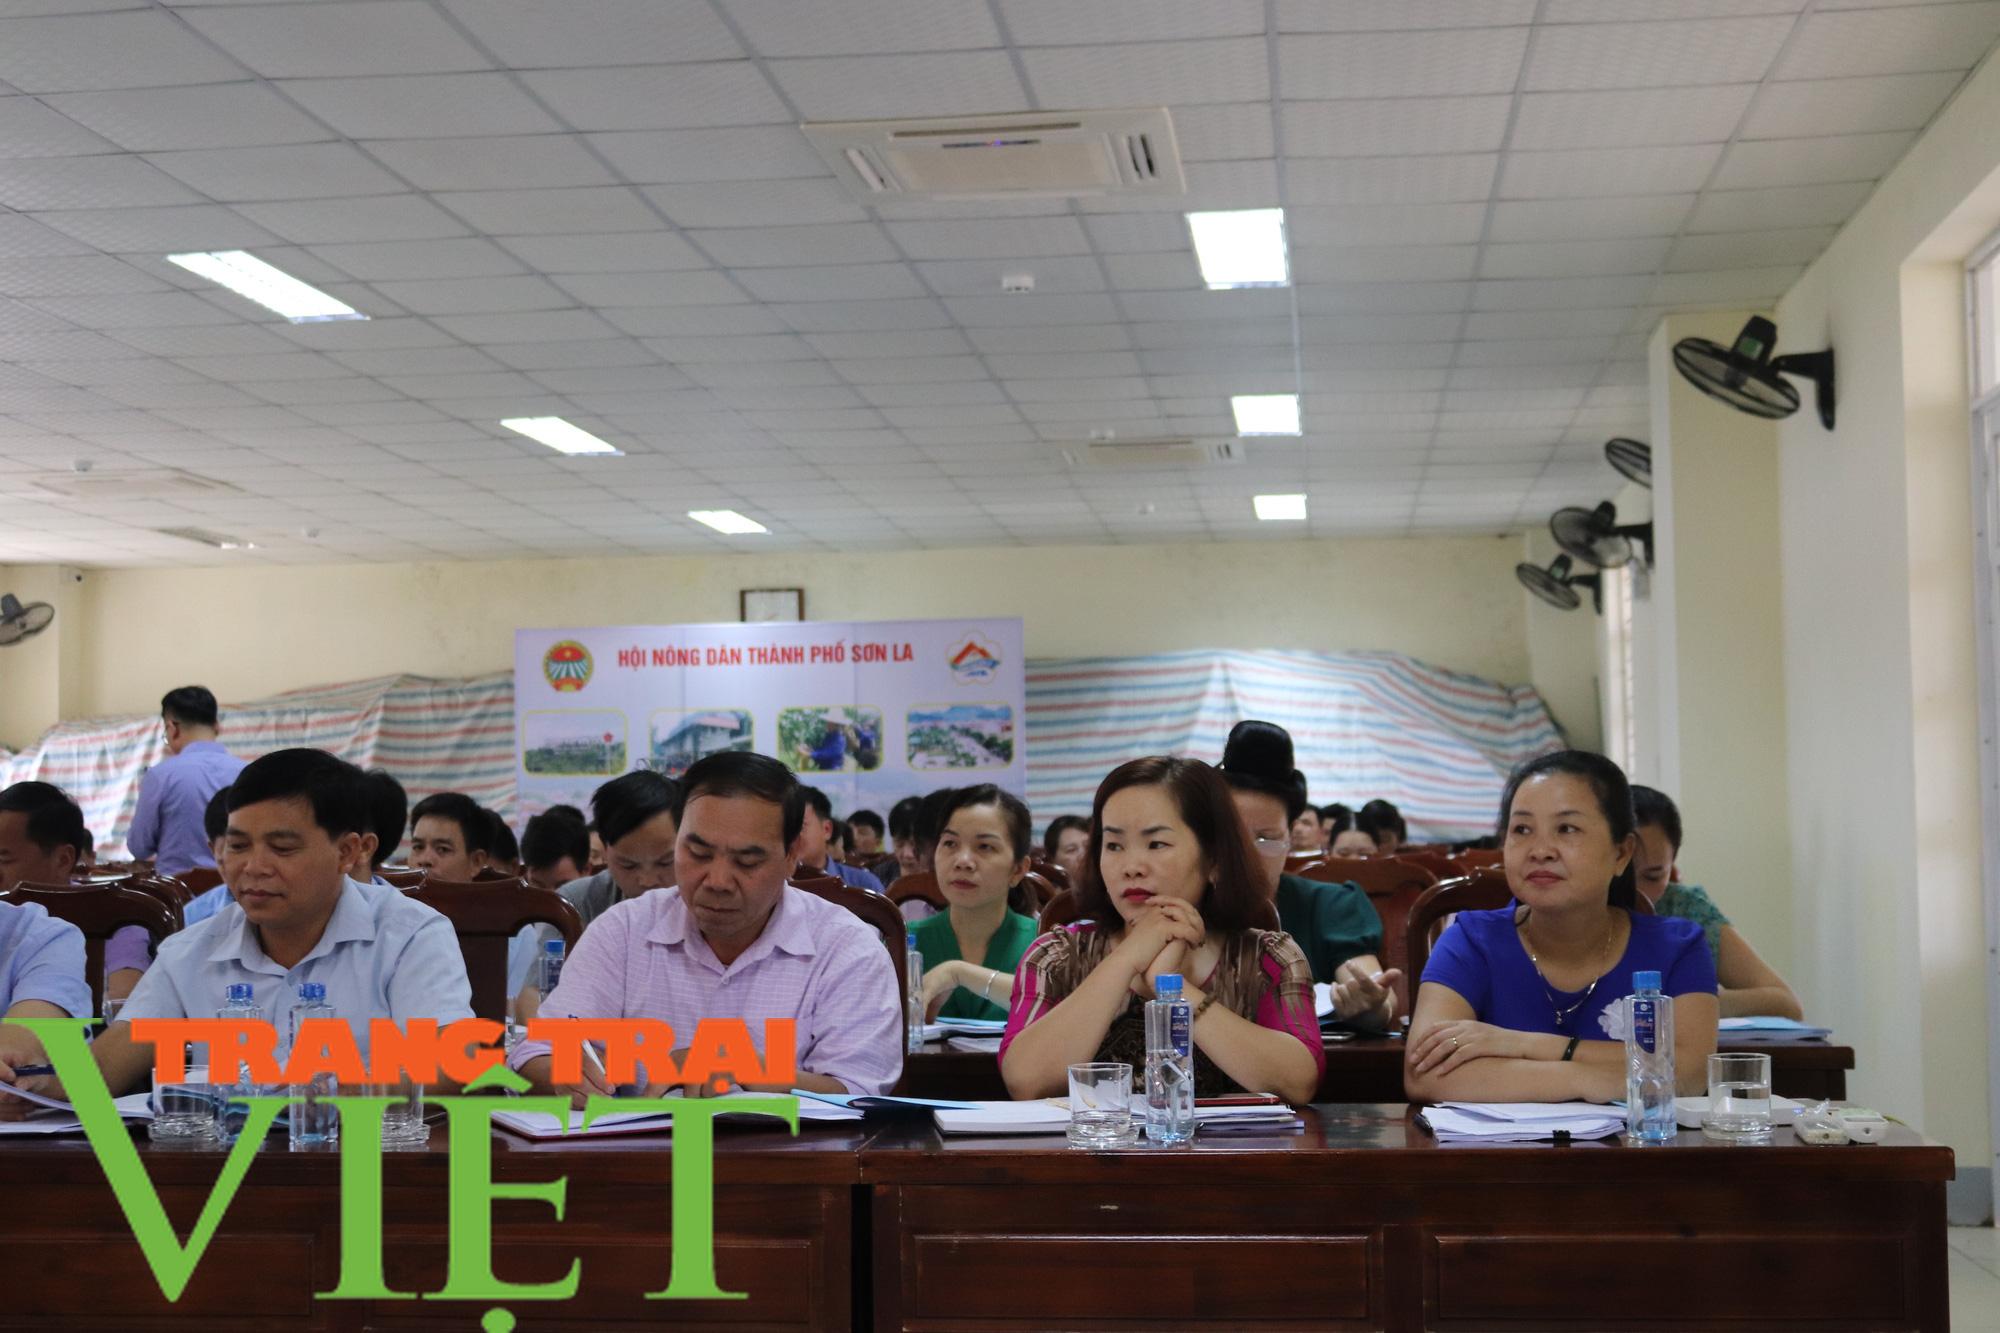 Hội Nông dân Sơn La hiến đất, góp sức xây dựng nông thôn mới - Ảnh 4.